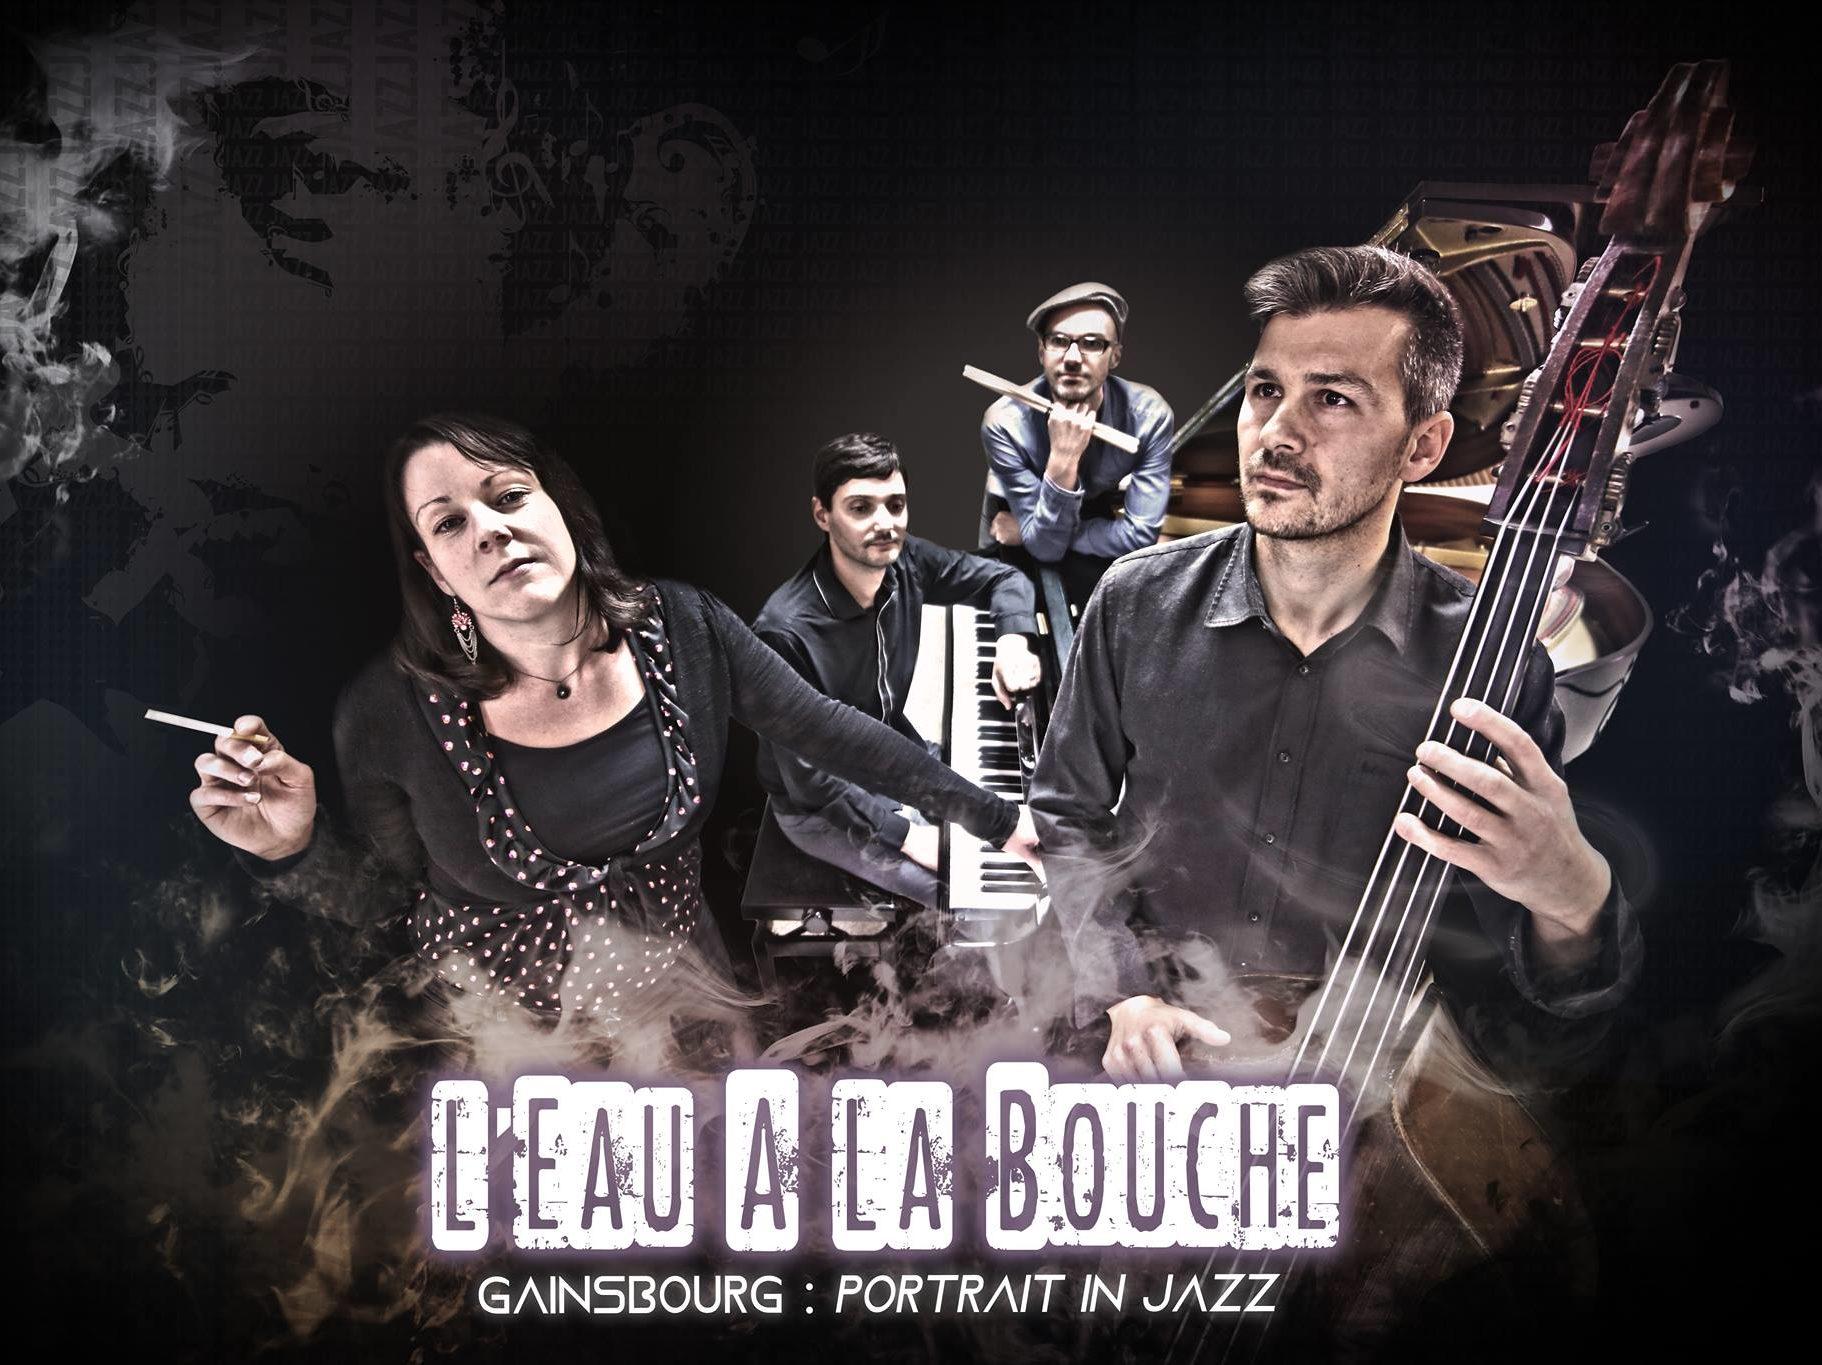 leaualabouche